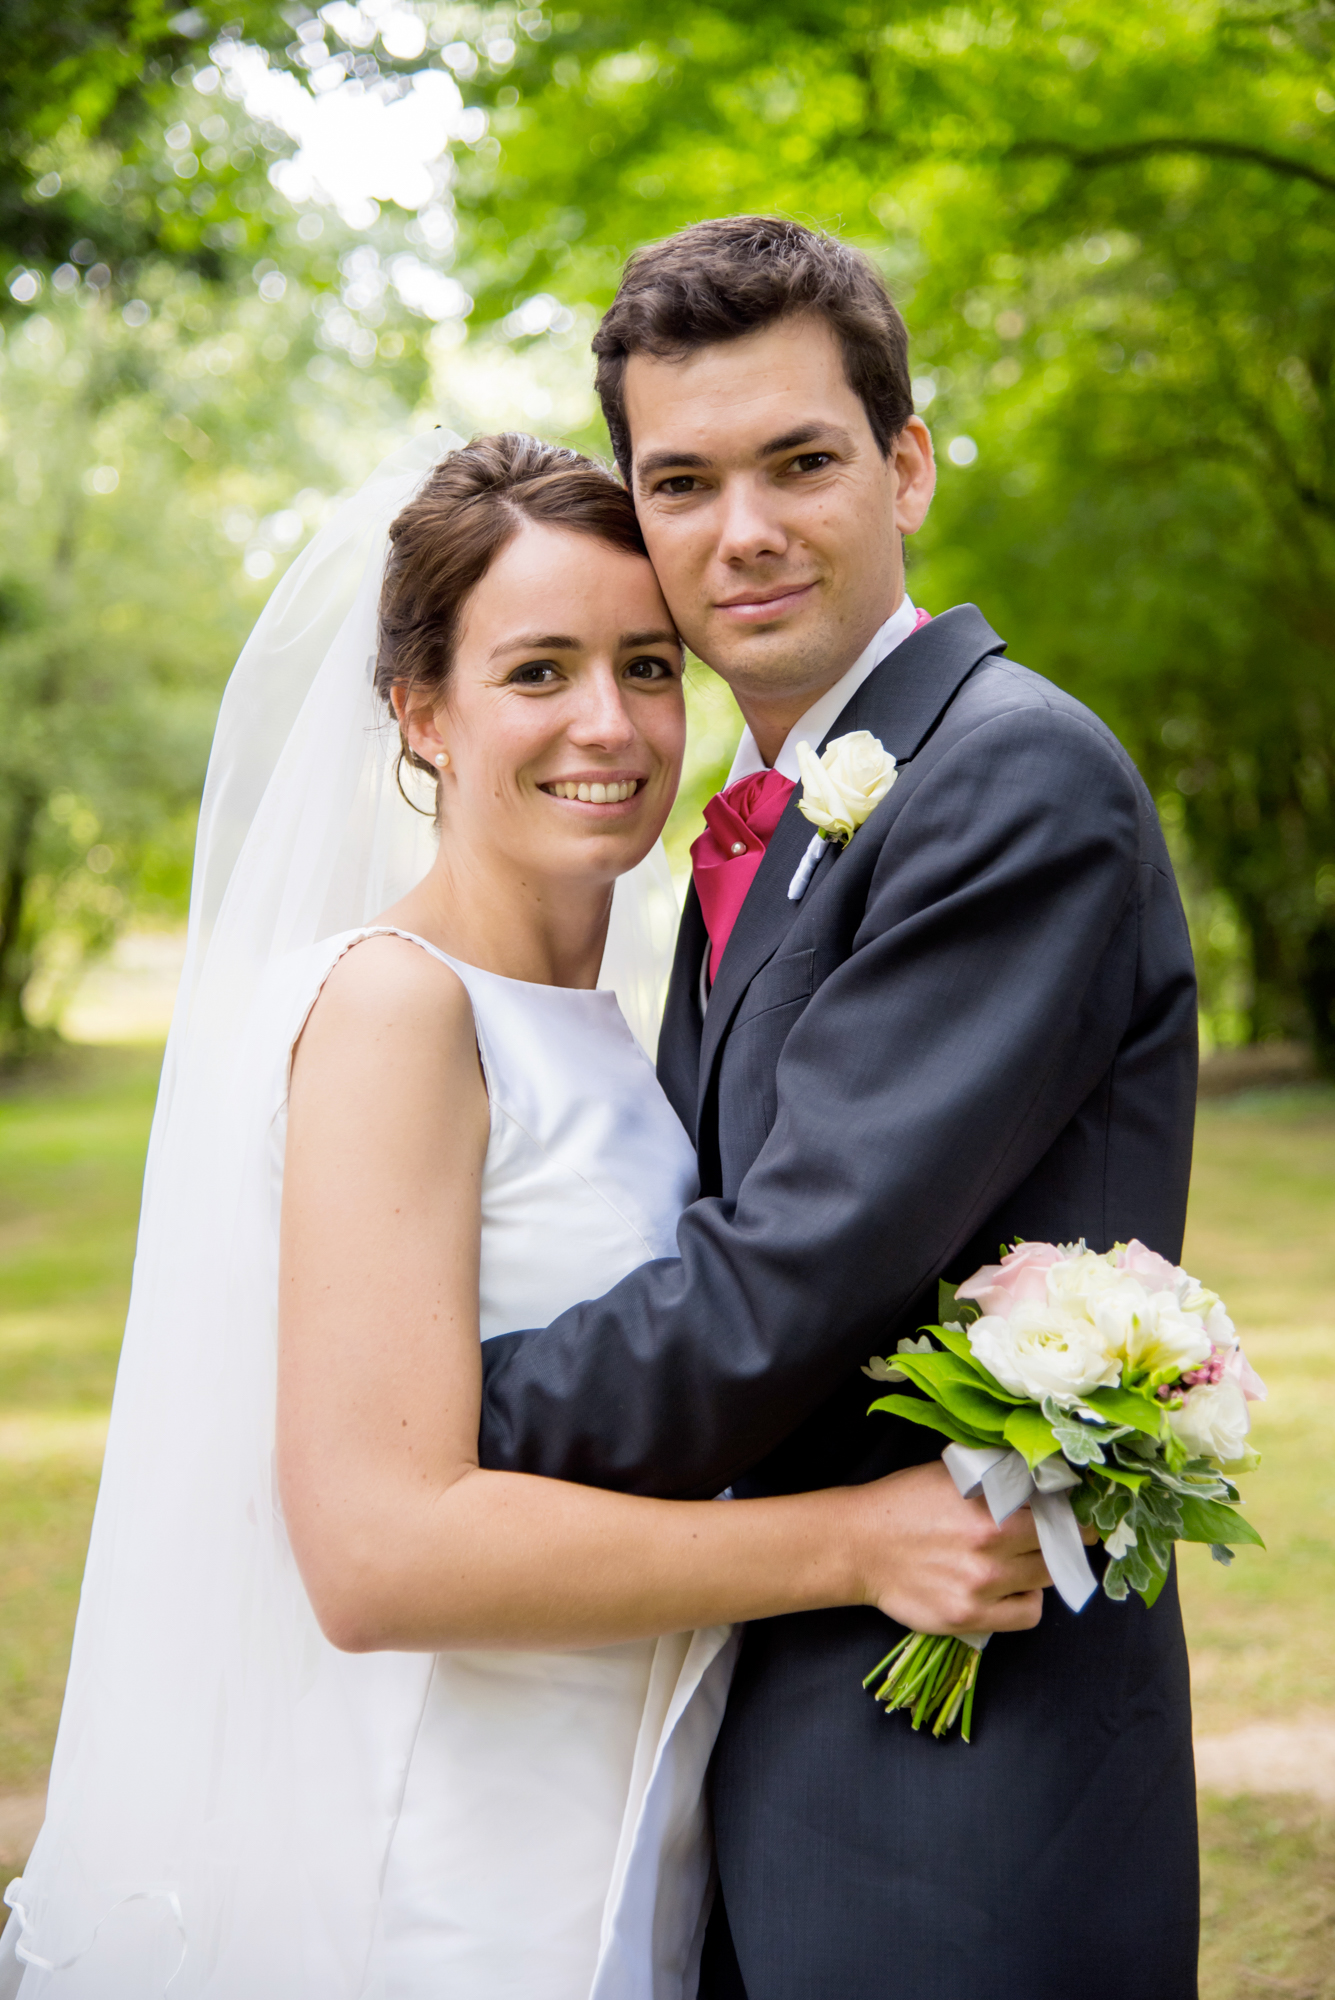 Brigitte Delibes Photographie - Photographe Mariage - Photos couple